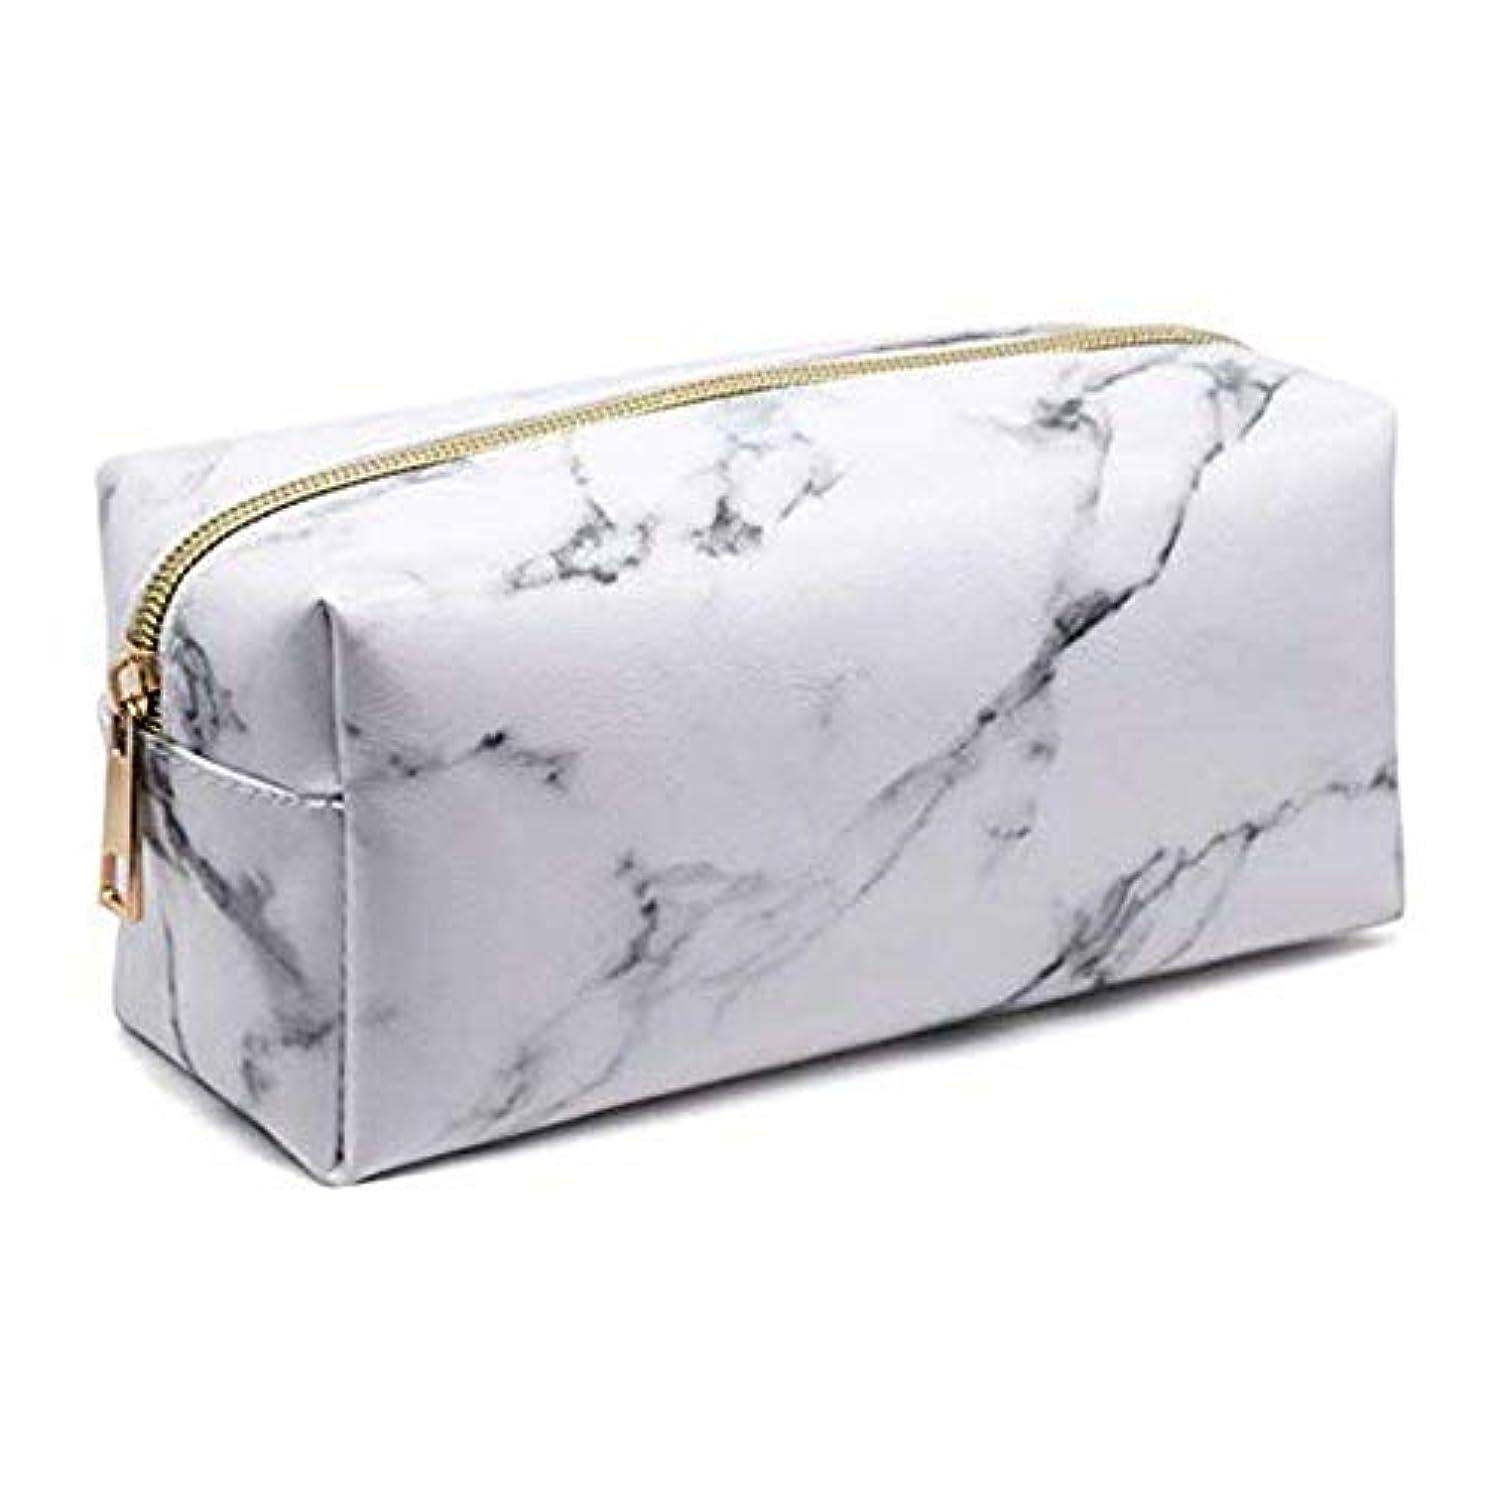 迅速等価地域Orient Direct 化粧バッグ化粧ポーチポータブルトラベルウォッシュバッグ化粧品収納バッグ屋外用